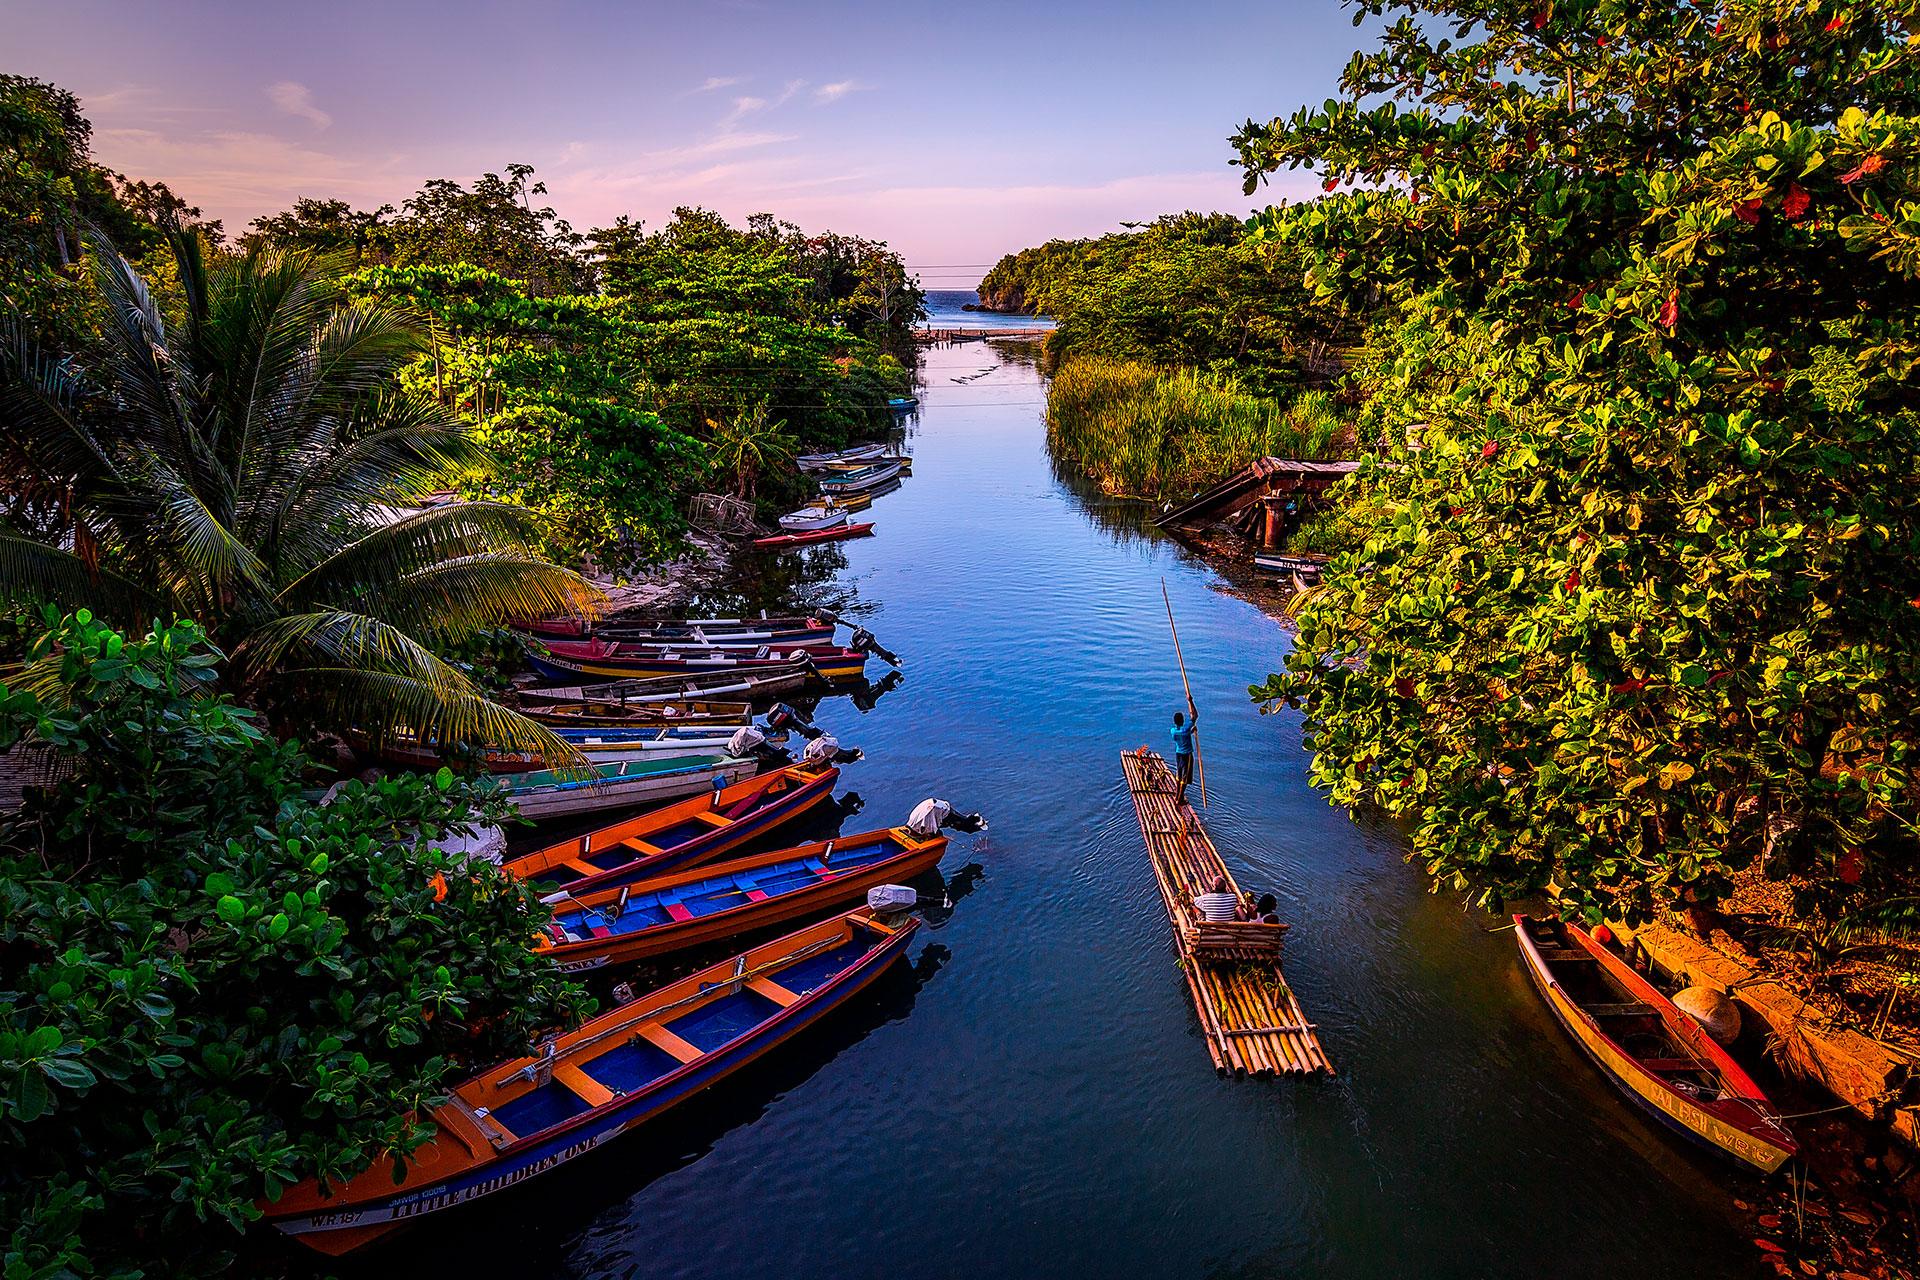 Mucha gente usa Jamaica como su entrada al Caribe, ya sea para un recorrido gastronómico o un viaje exclusivo a GoldenEye. Aunque vayamos por diferentes razones, todos nos quedamos por la irreal belleza natural de la isla